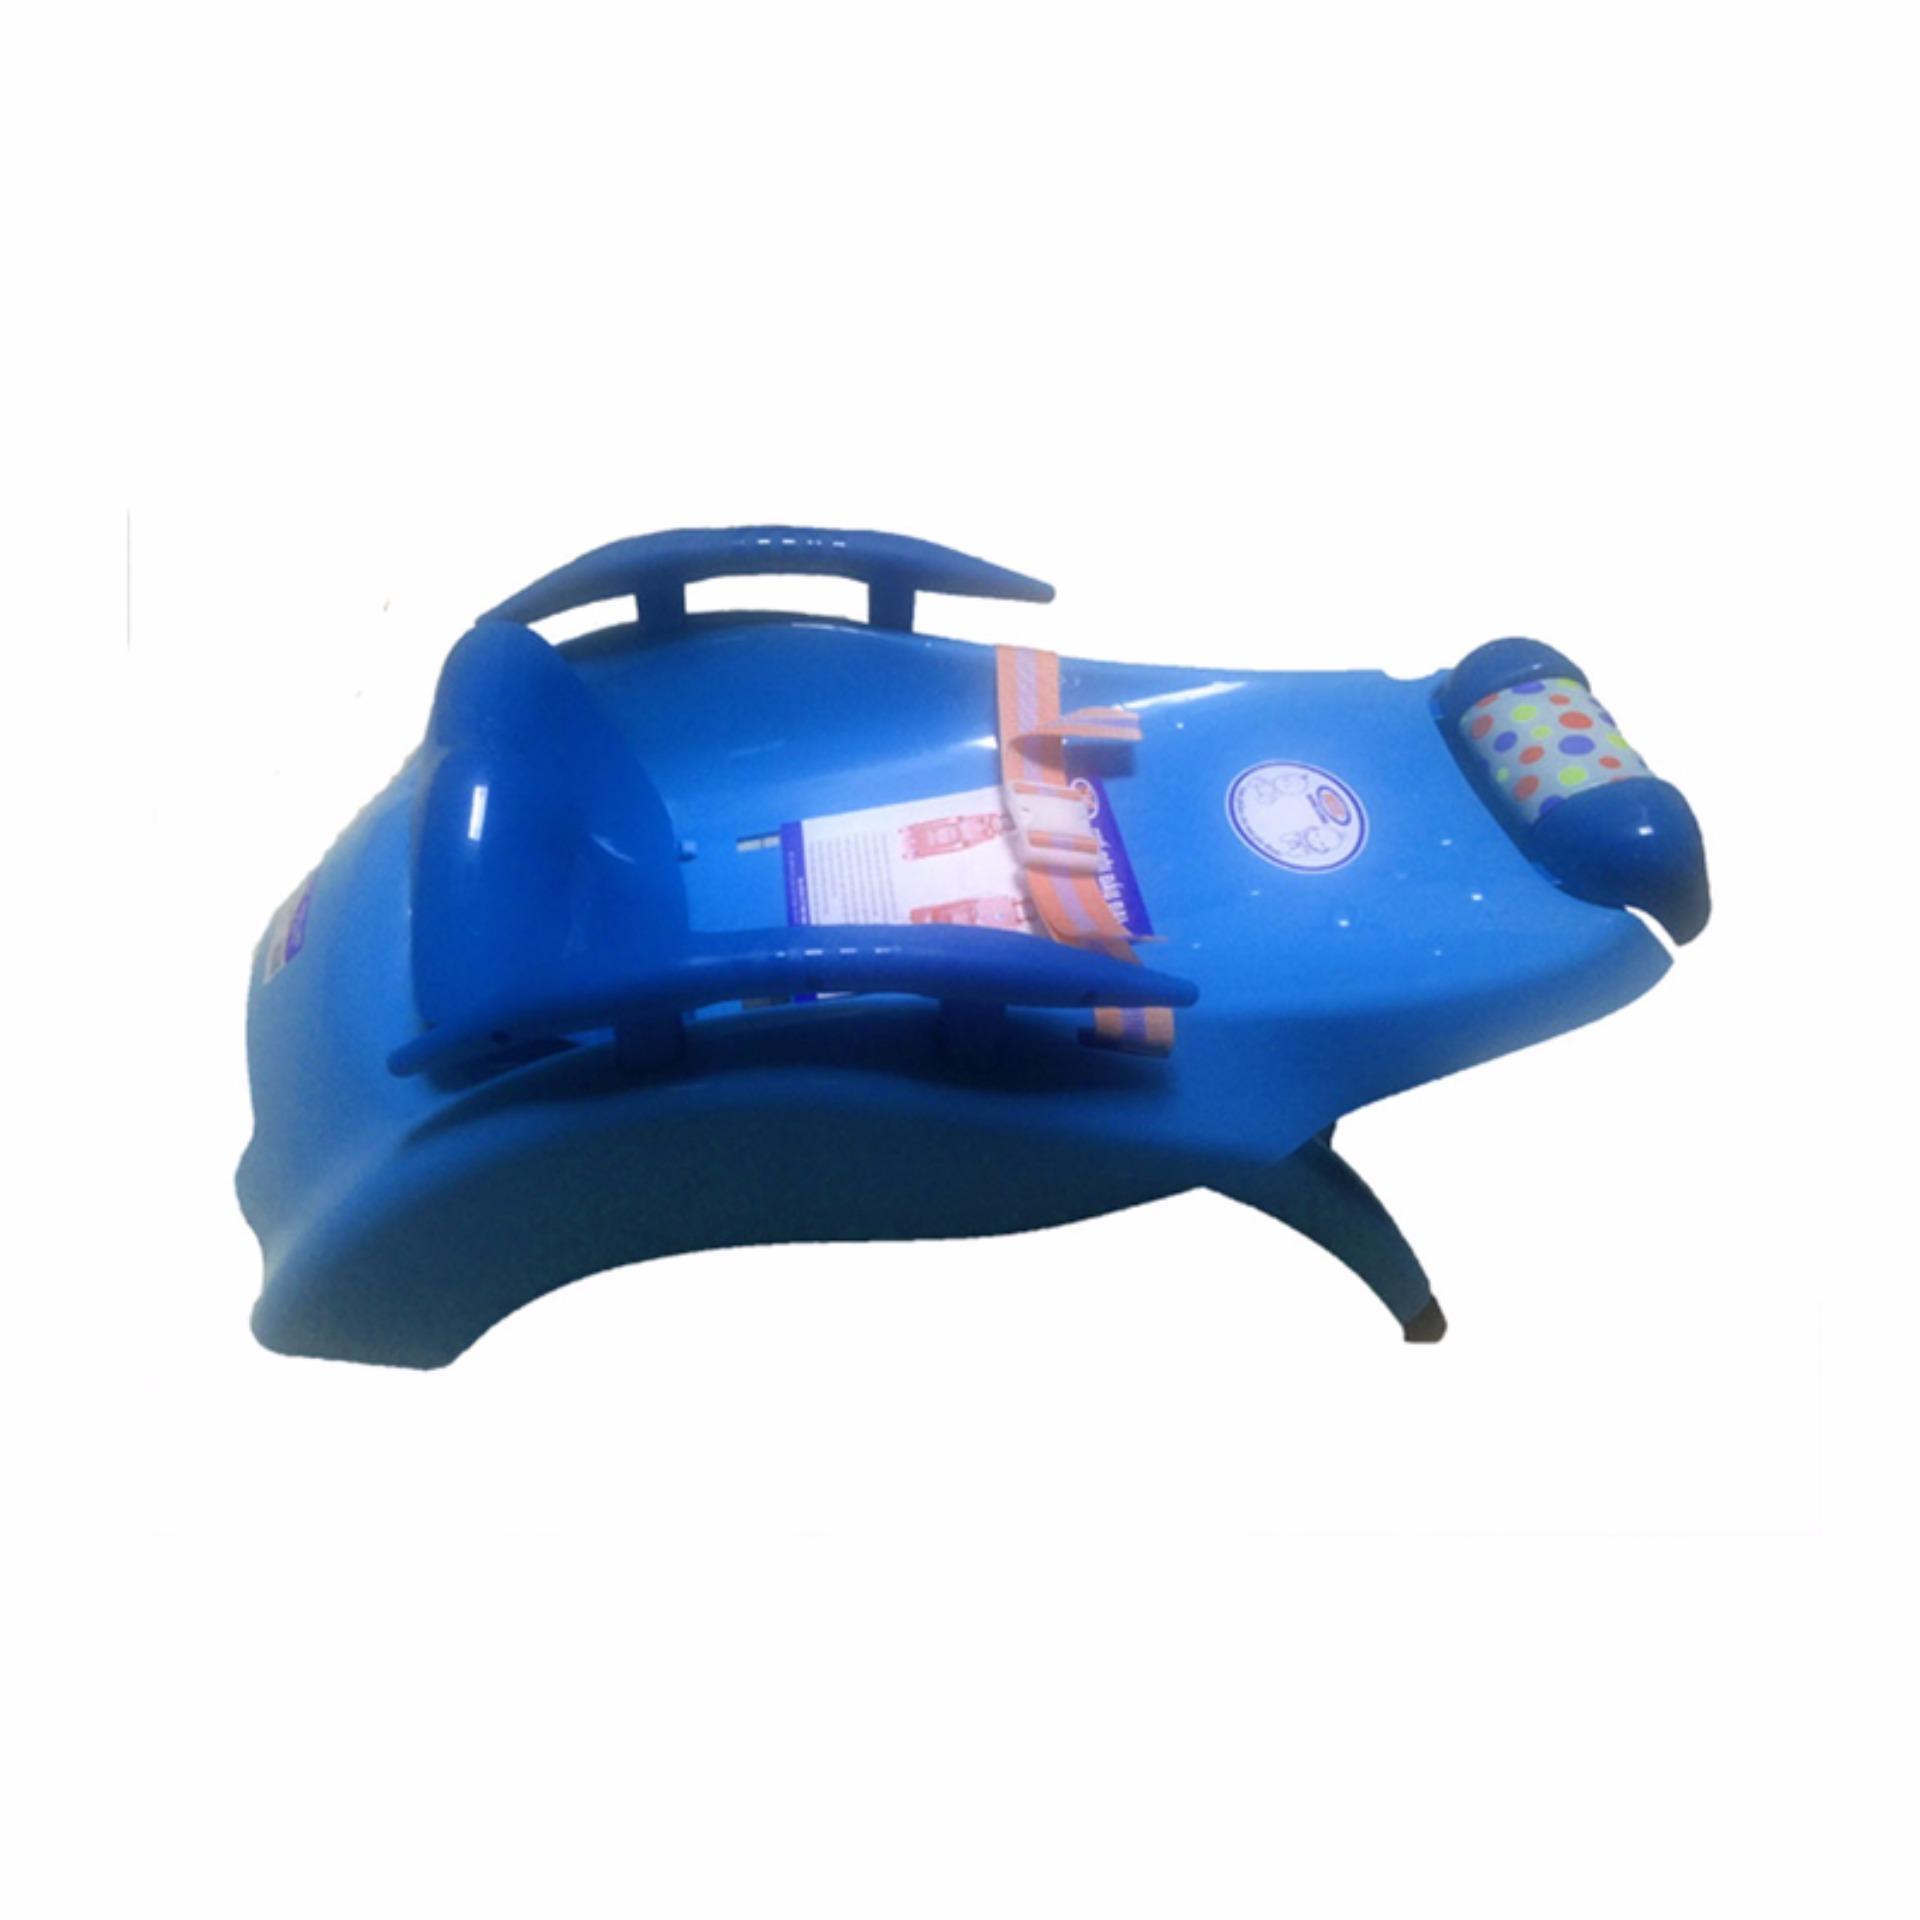 Ghế gội đầu đại SL2510(Xanh dương nhạt)